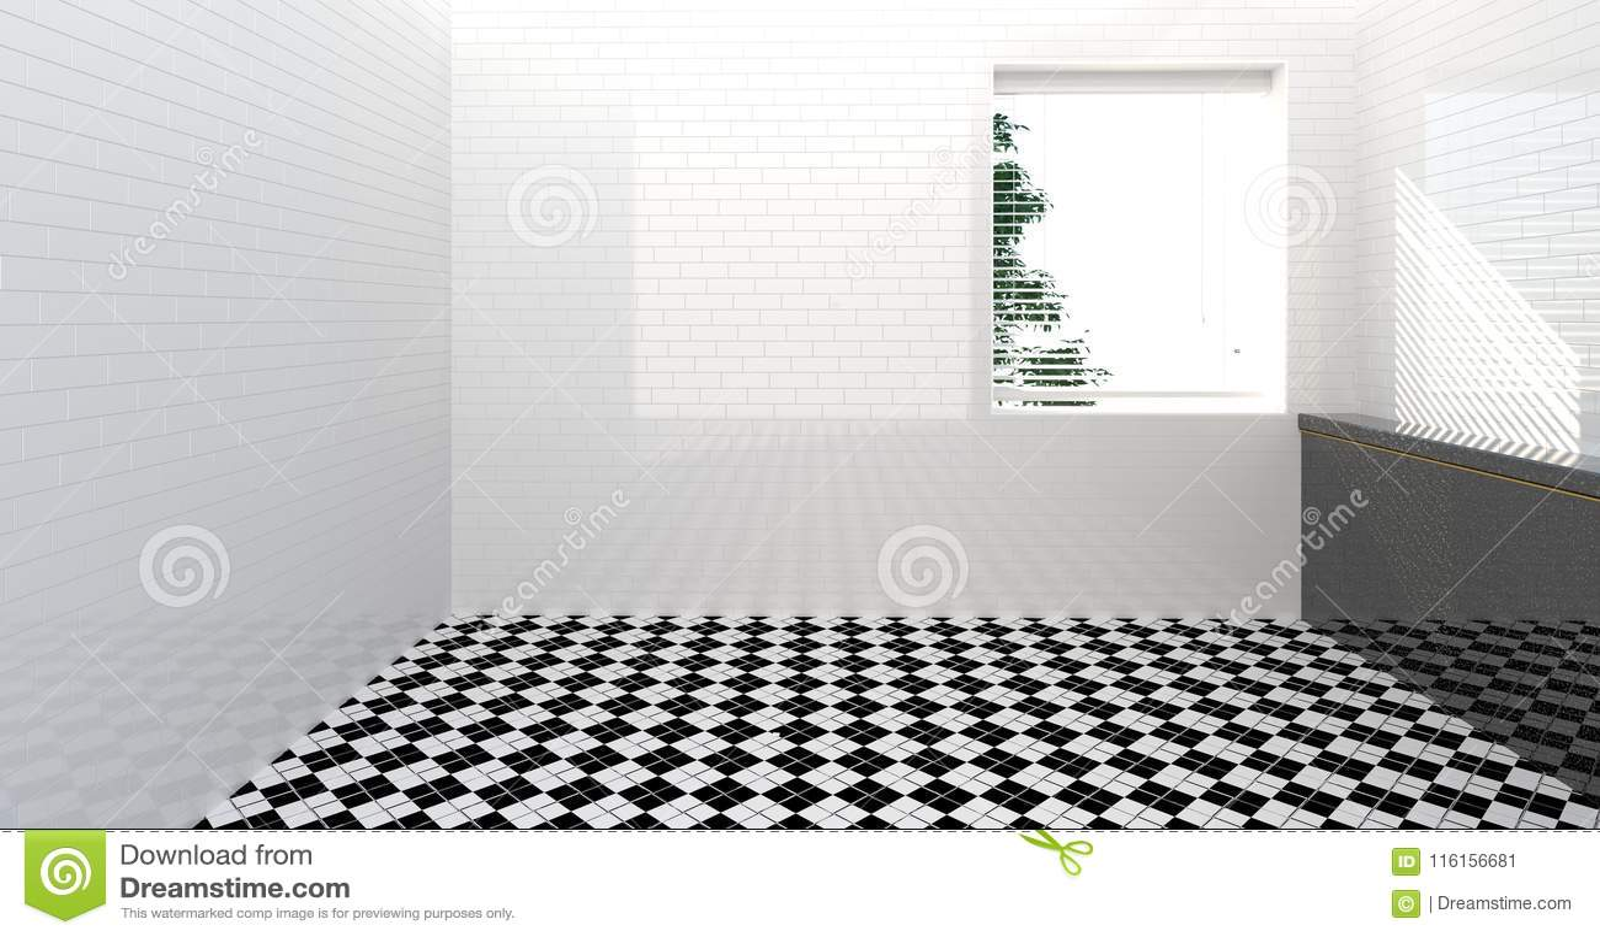 Κενή τουαλέτα, ντους, εσωτερικό λουτρών, ντους, δωματίων άσπρο υπόβαθρο νεροχυτών εγχώριων σύγχρονο λουτρών απεικόνισης τοίχων τρ